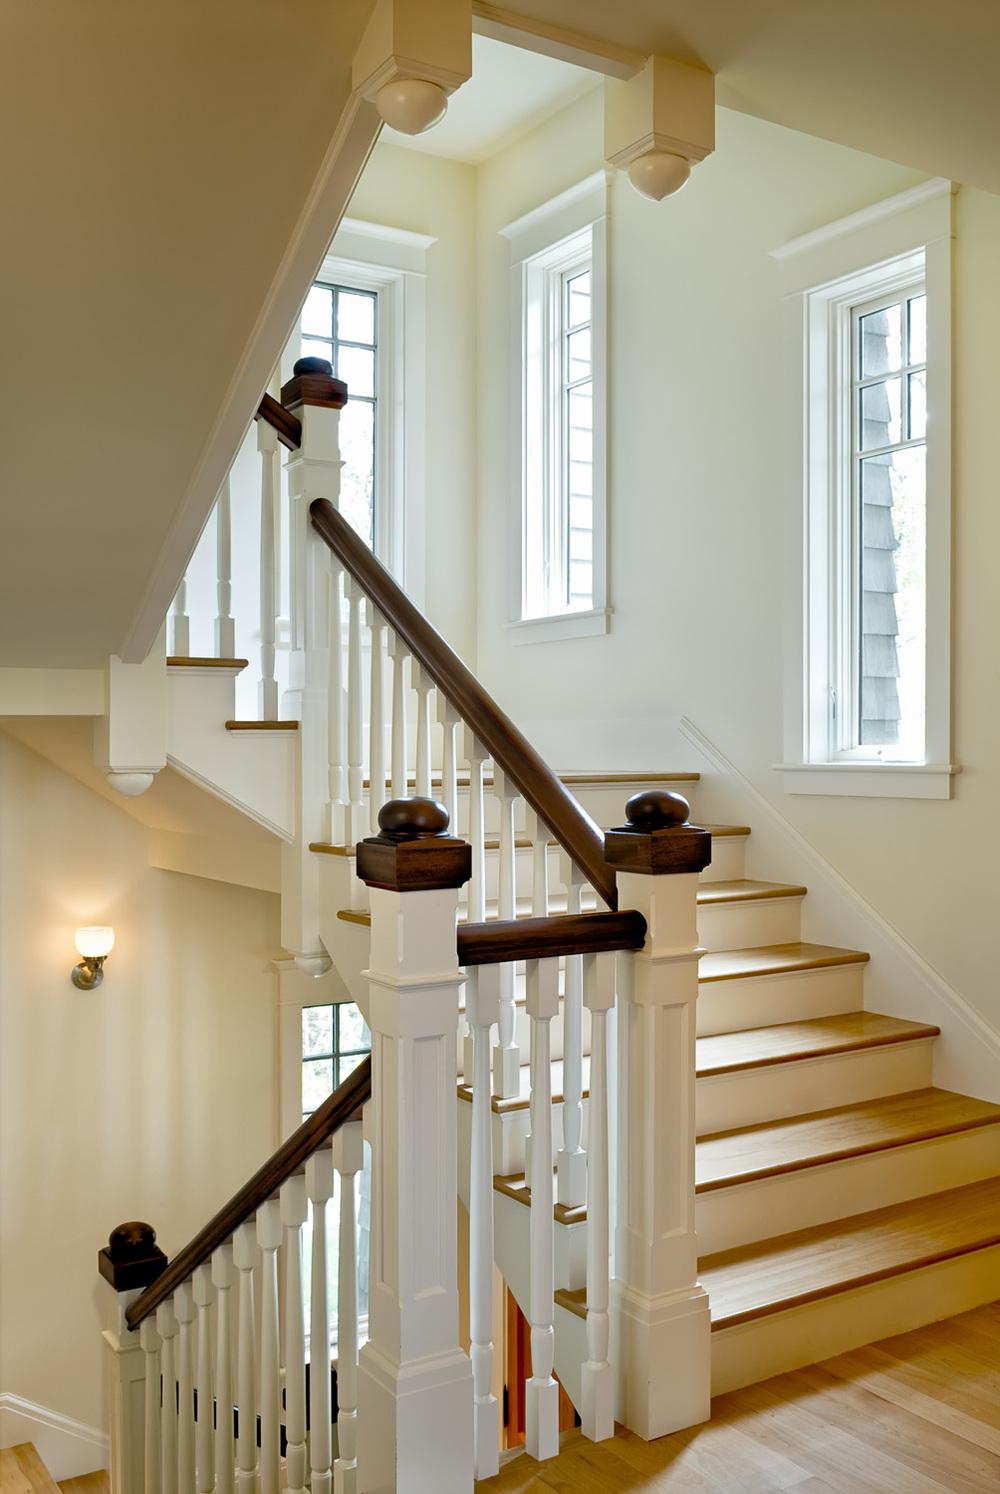 15B Stairway detail.jpg